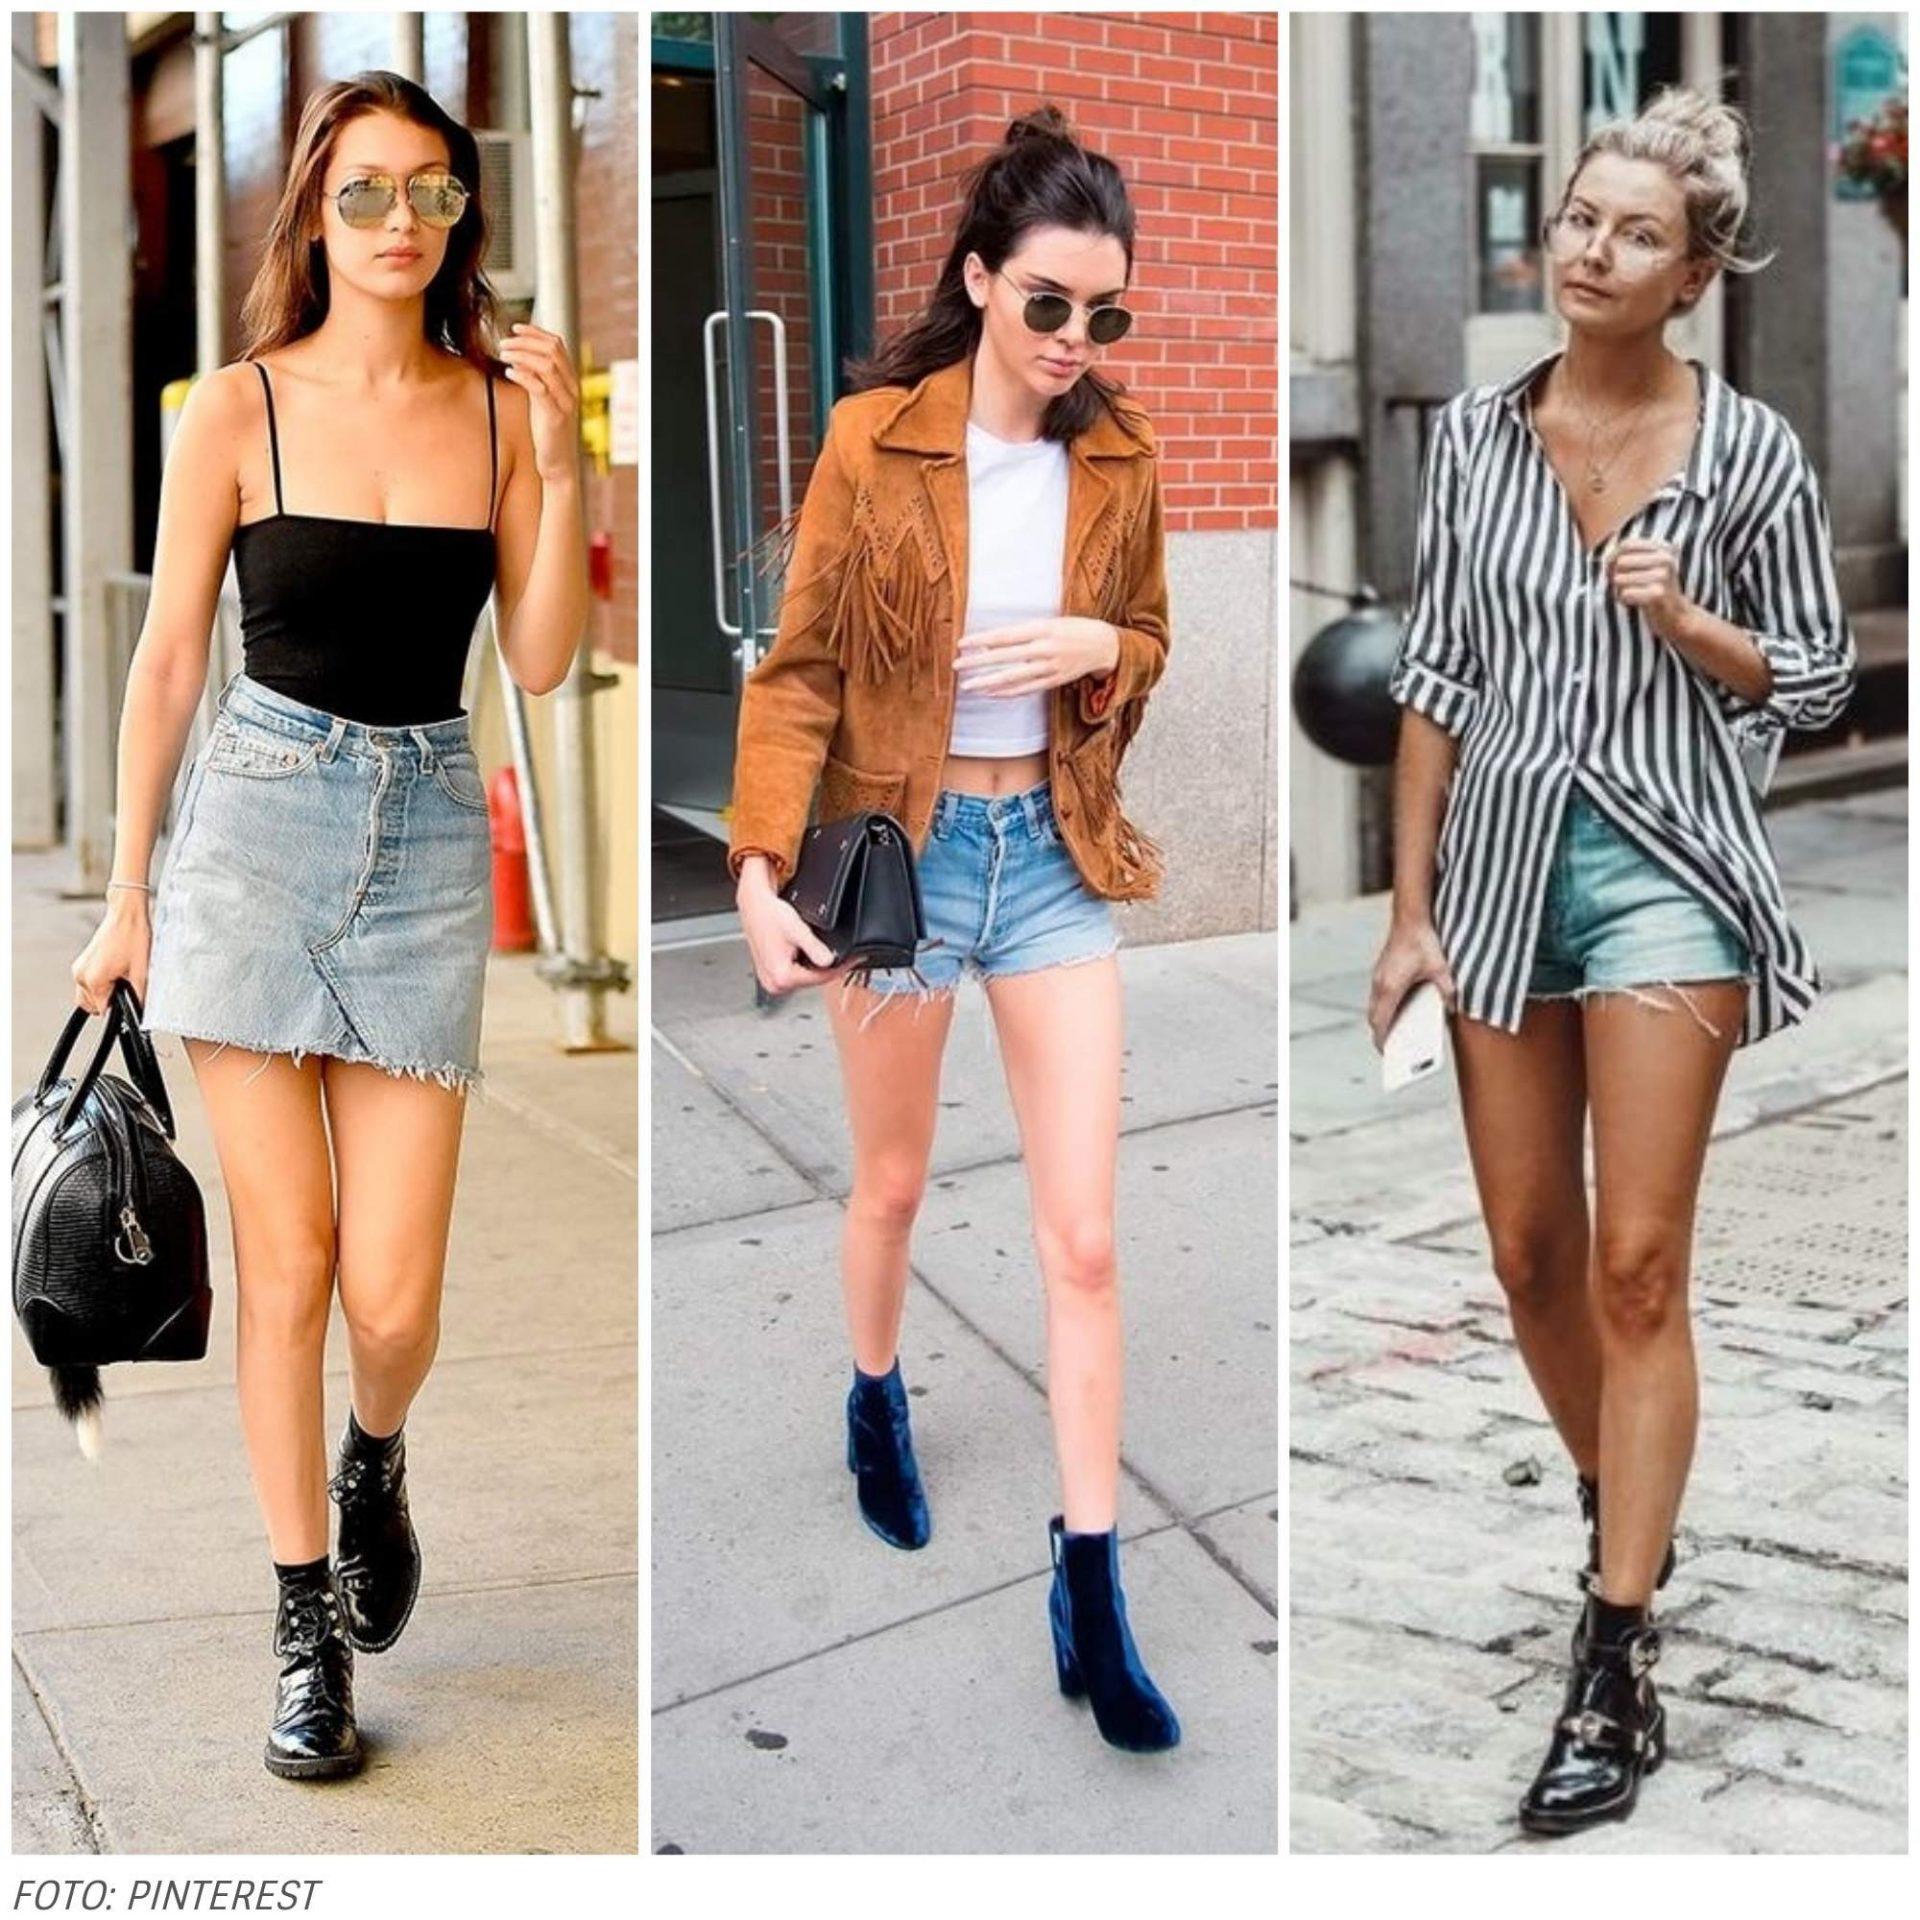 botas femininas 6 1 - Botas femininas no verão? 6 dicas pra provar que pode sim!